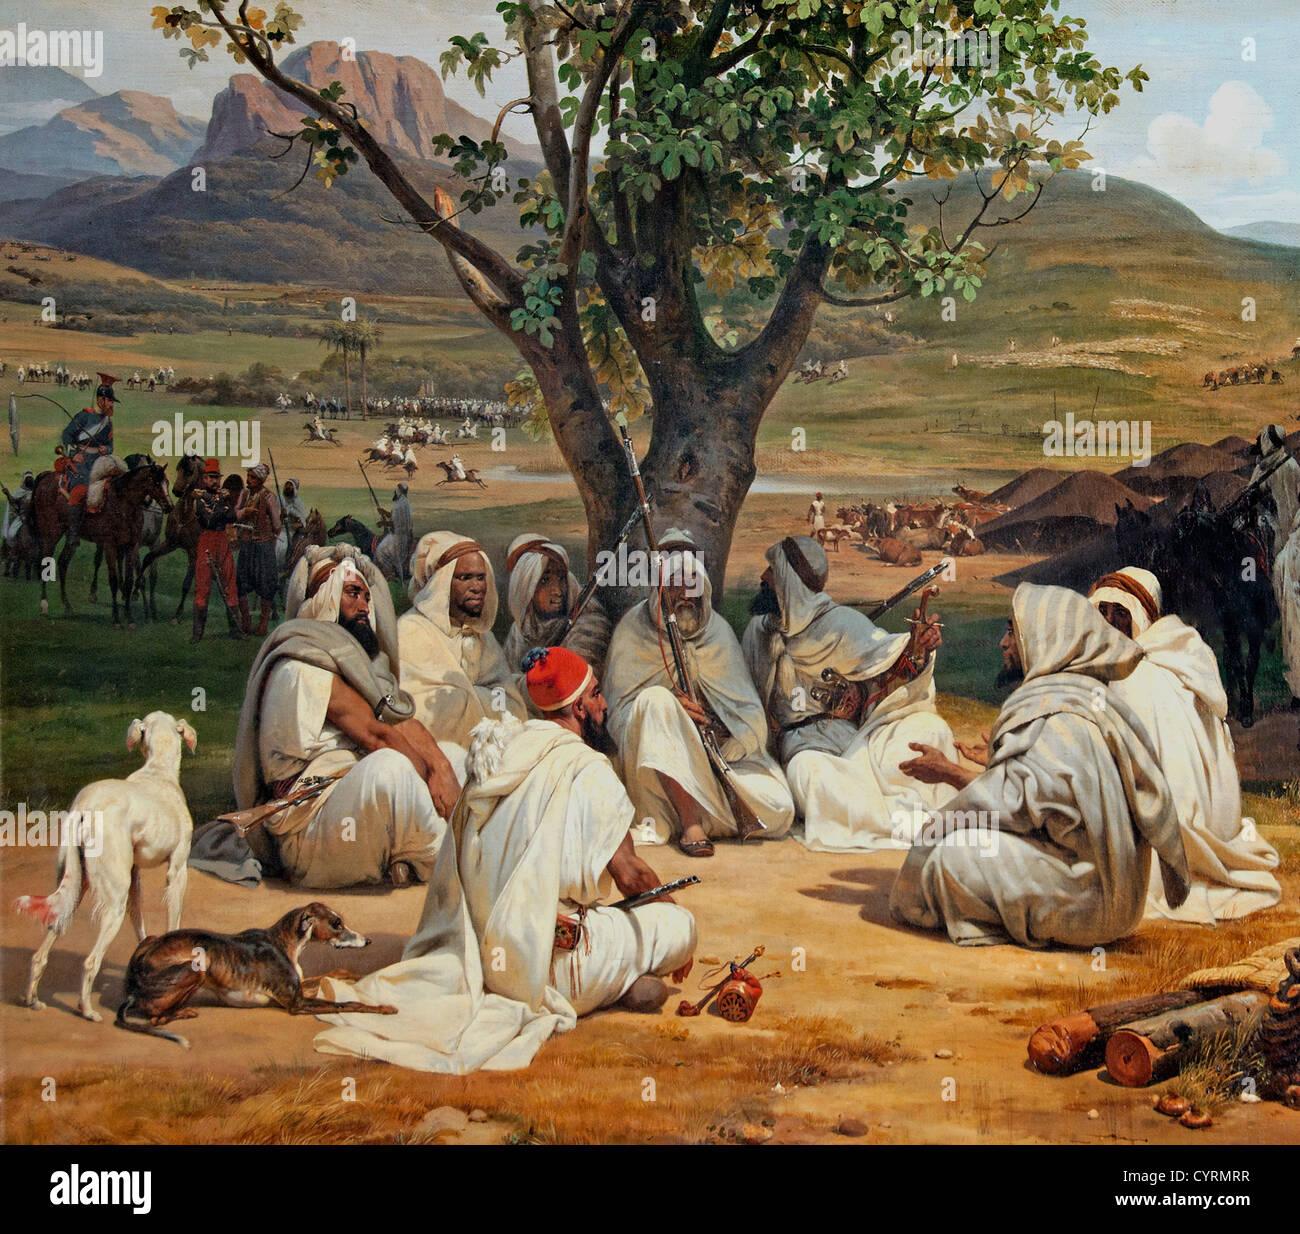 Réunion du chef arabe arabe du 19e siècle, Emile Jean Horace Vernet (1789-1863) France Photo Stock